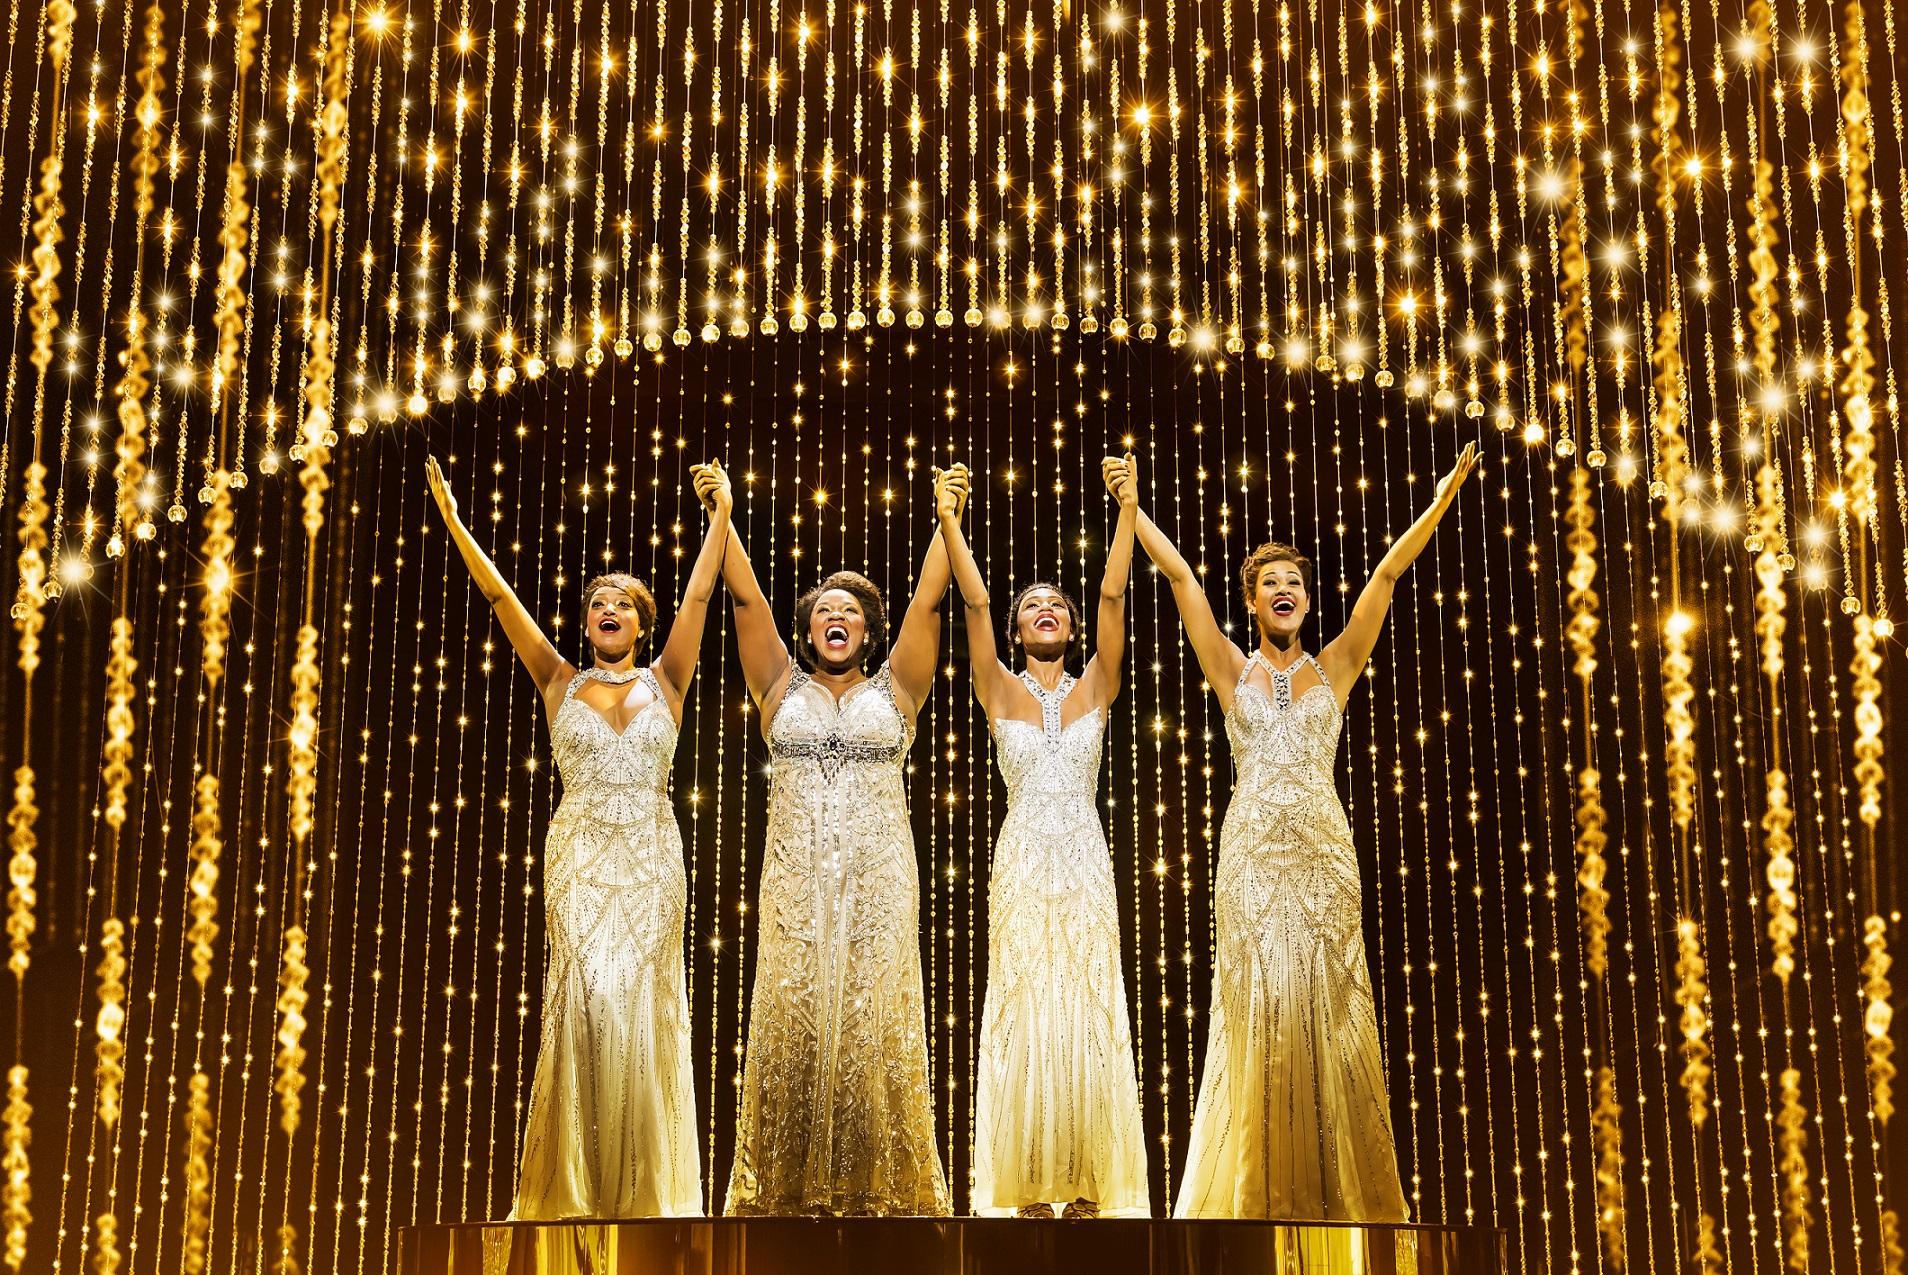 Asmeret-Ghebremichael-Moya-Angela-Brennyn-Lark-and-Kimmy-Edwards-in-Dreamgirls-at-the-Savoy-Theatre.-Credit-Dewynters.jpg